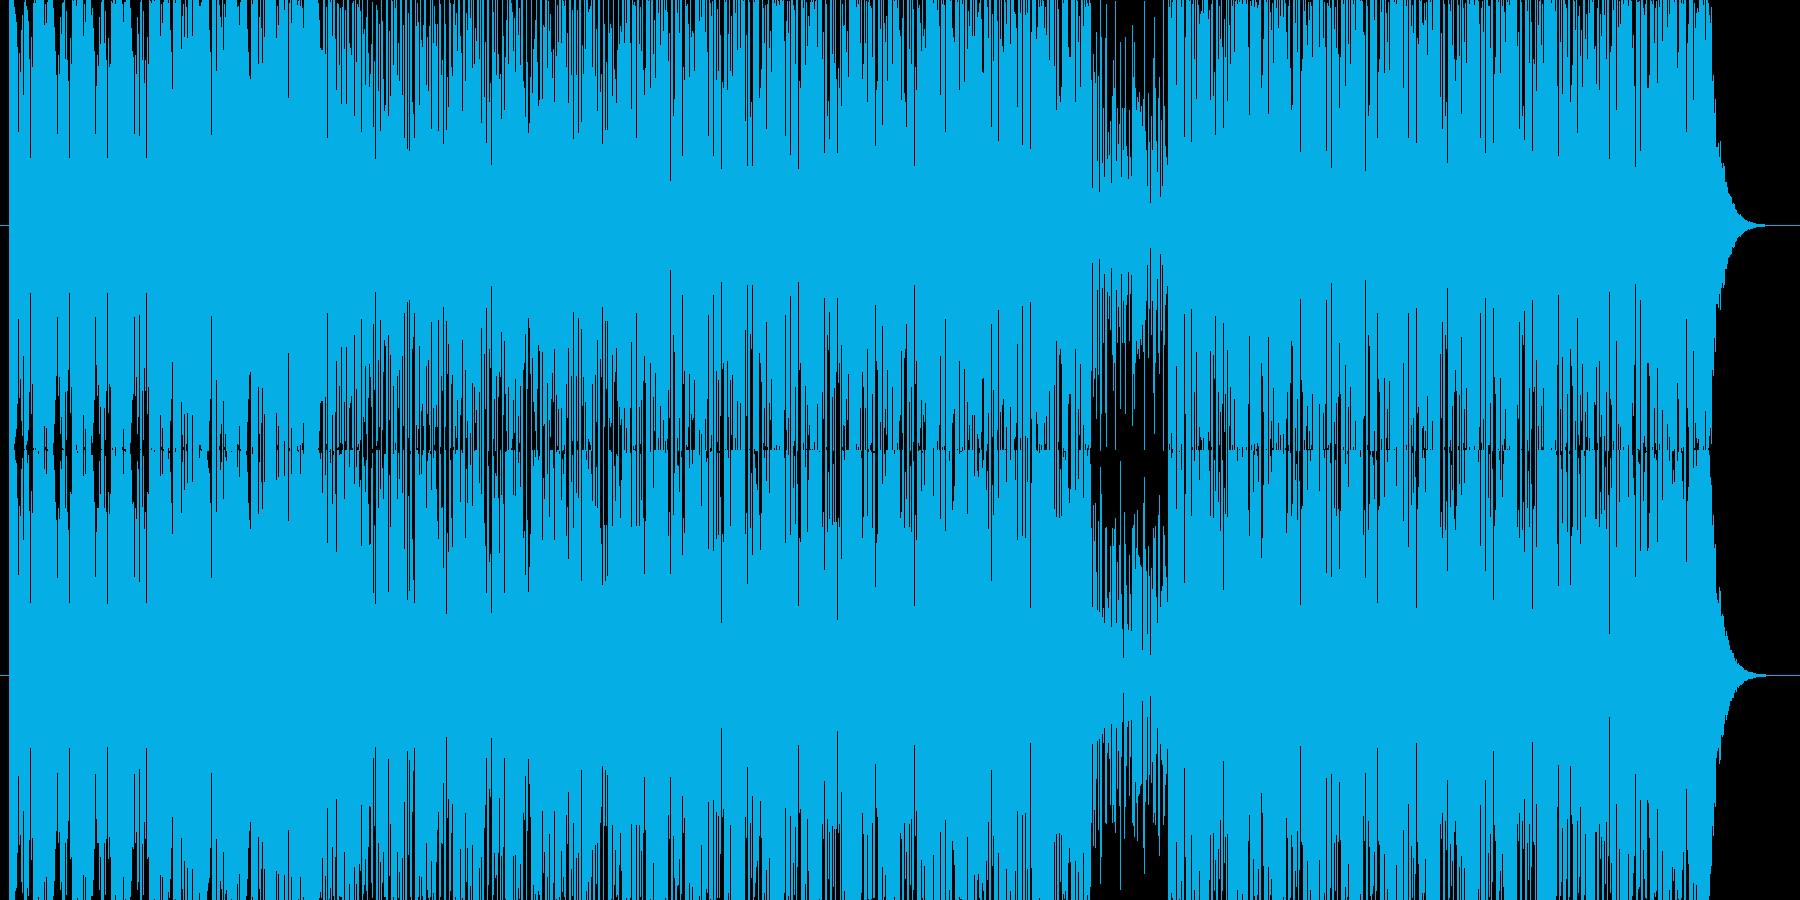 【RnB】ノリノリなラップの曲の再生済みの波形